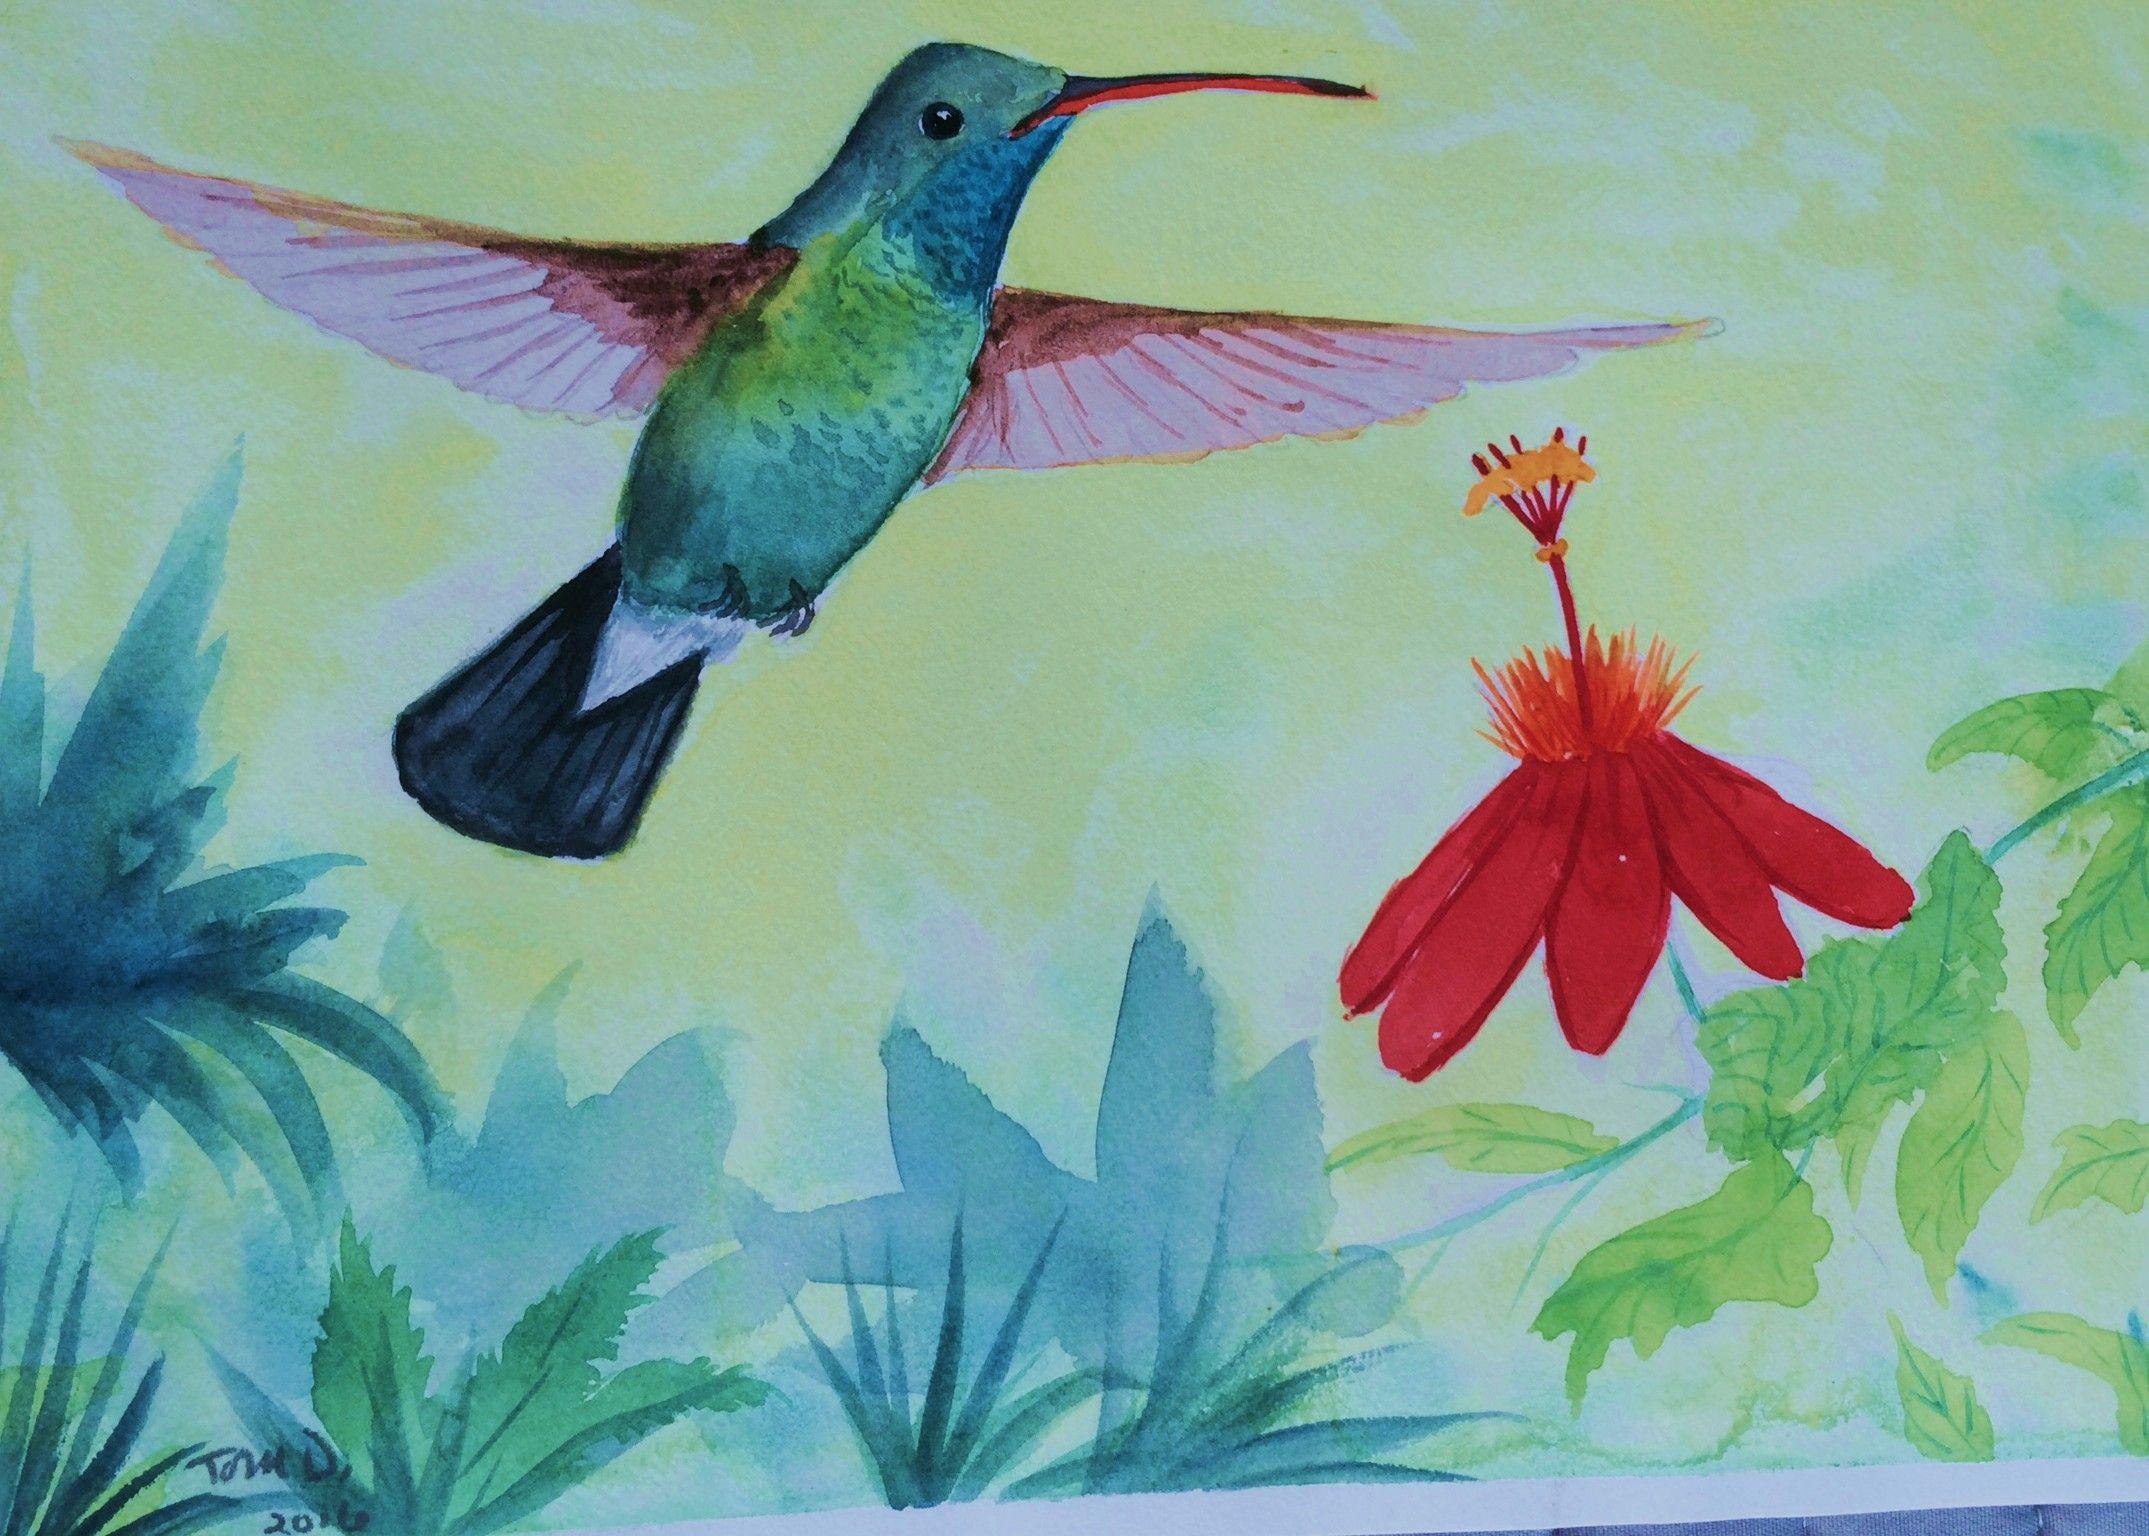 Broadbilled hummingbird yuma az apr 11 1993 85x6